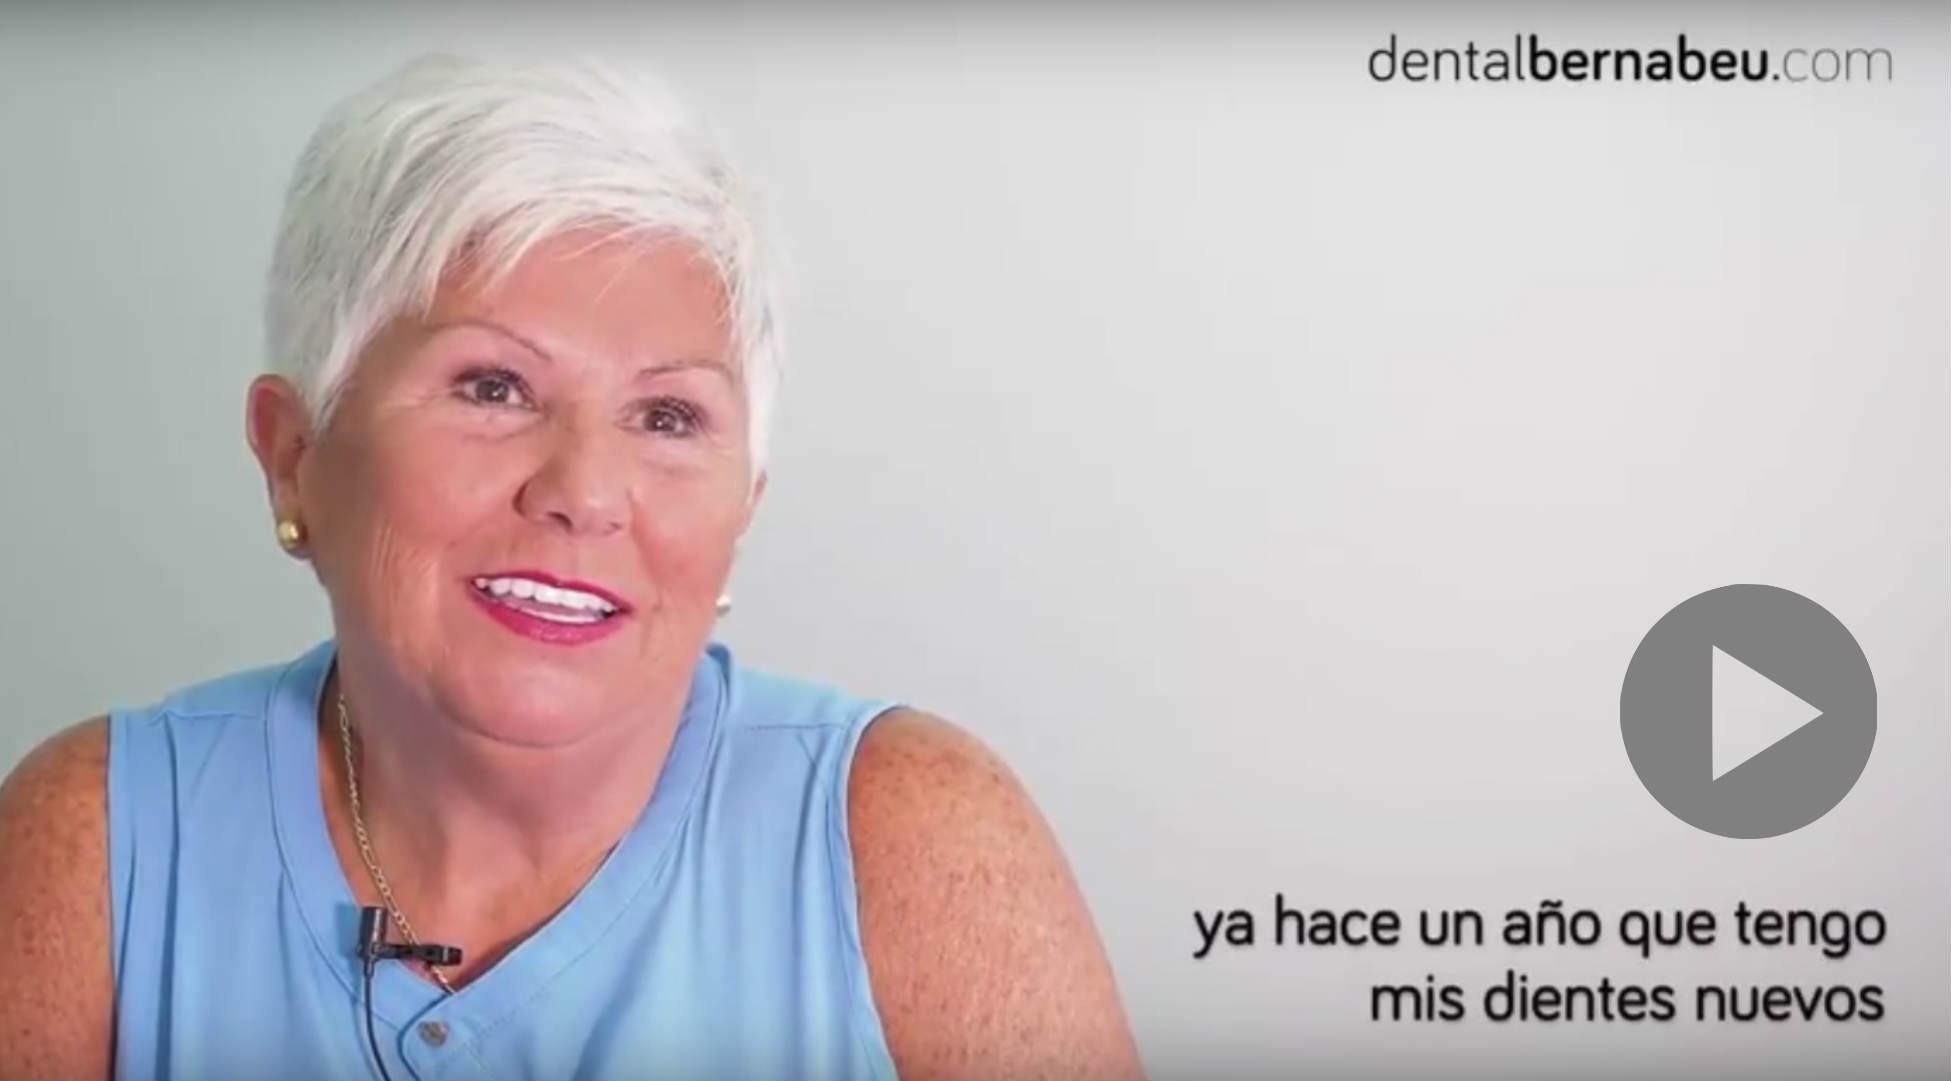 dentists Rosenvænget struer ordsprog ordbog